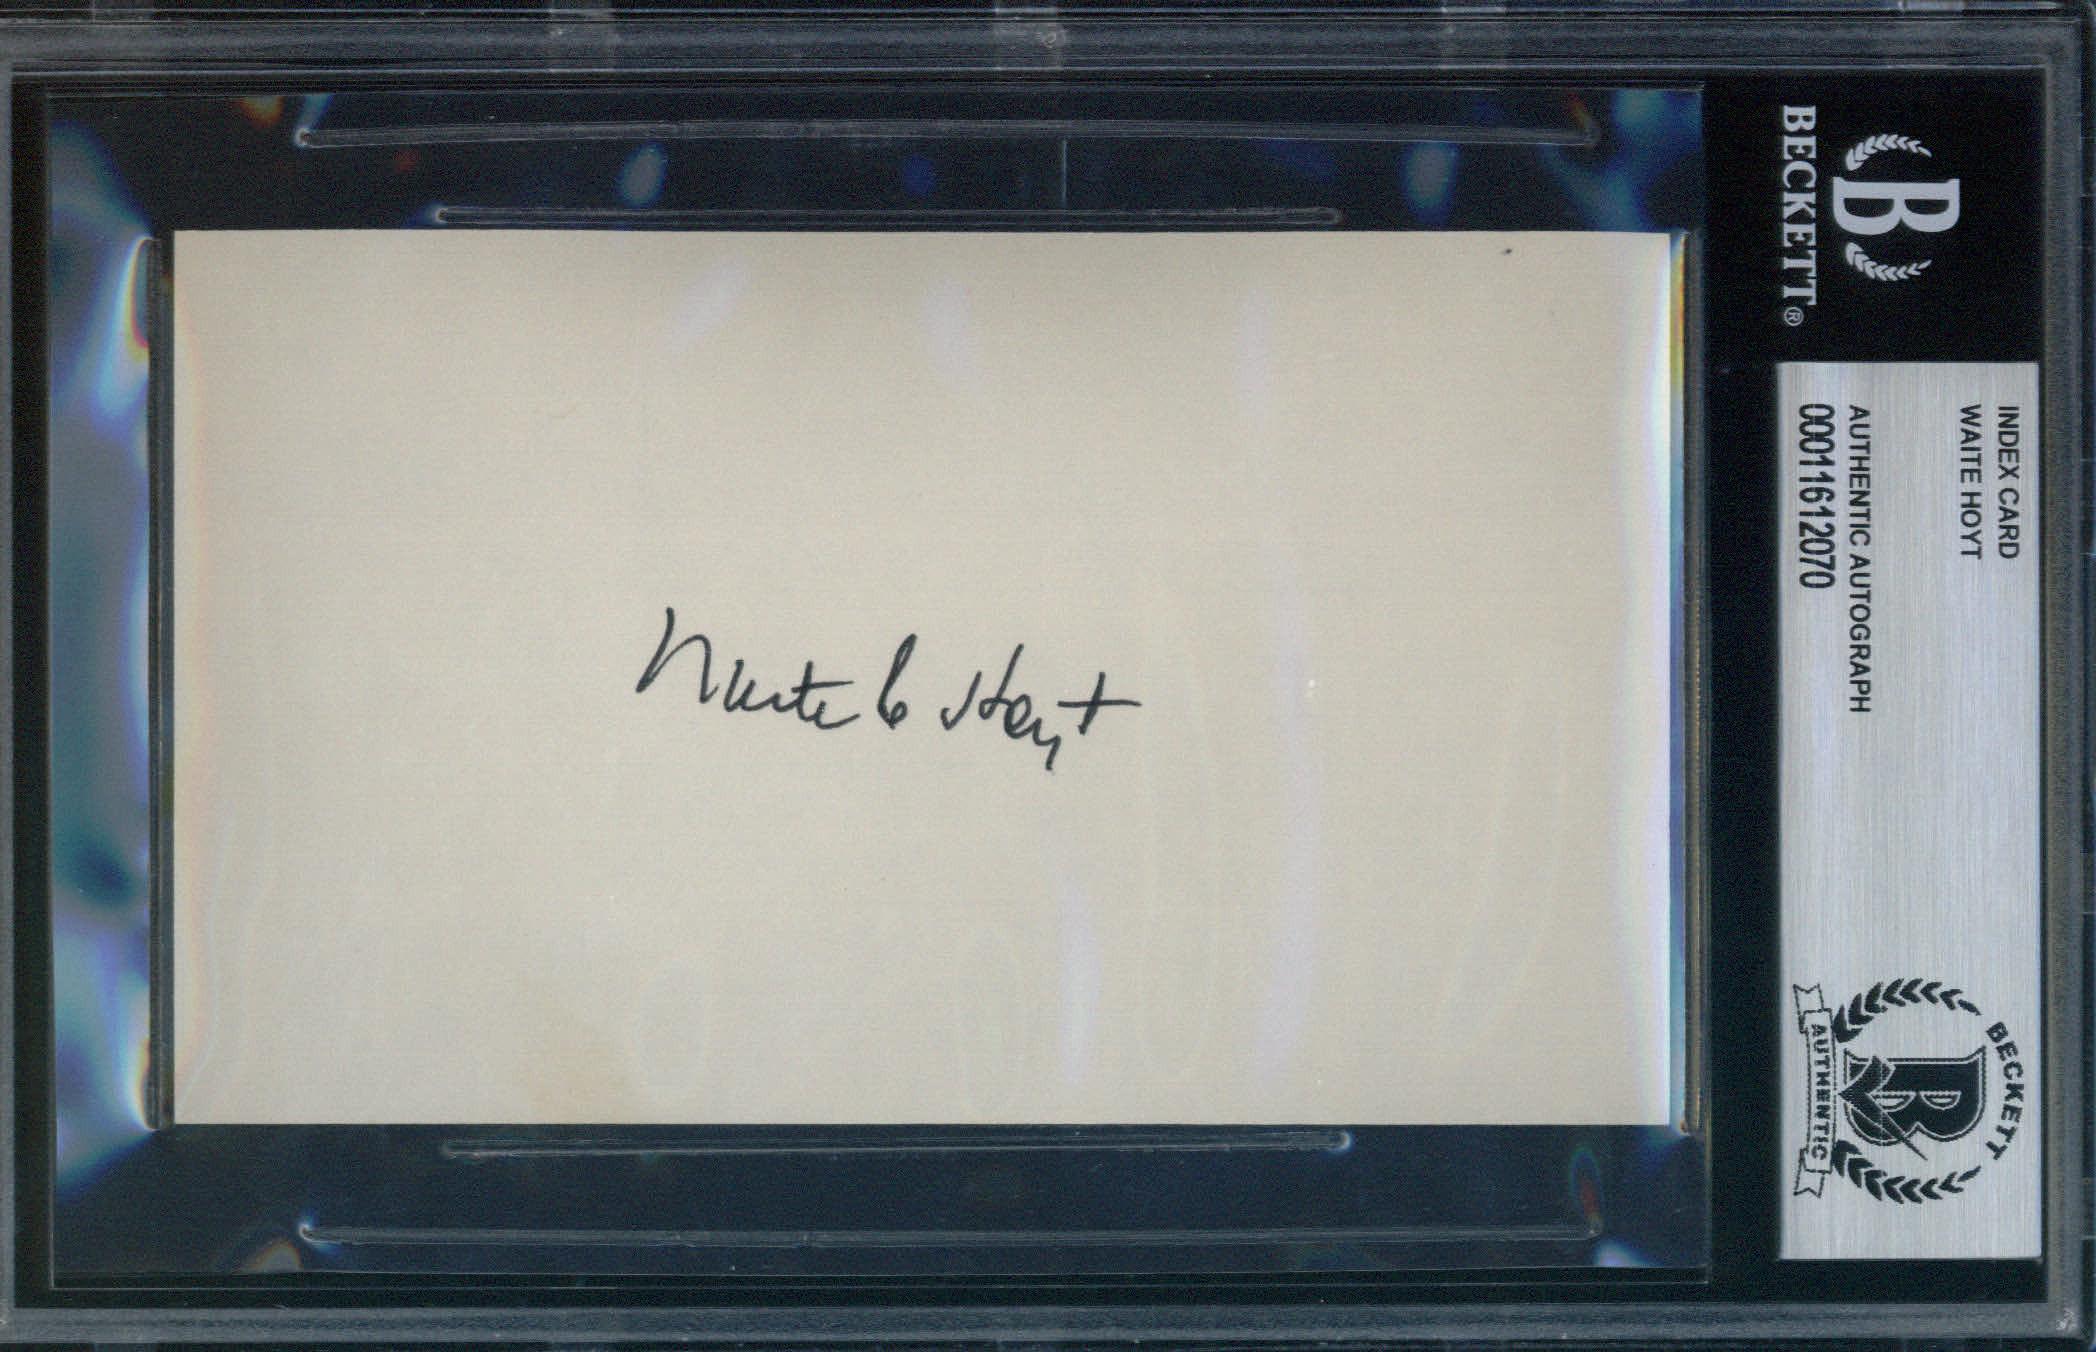 Waite Hoyt Autographed Index Card BAS Authenticated